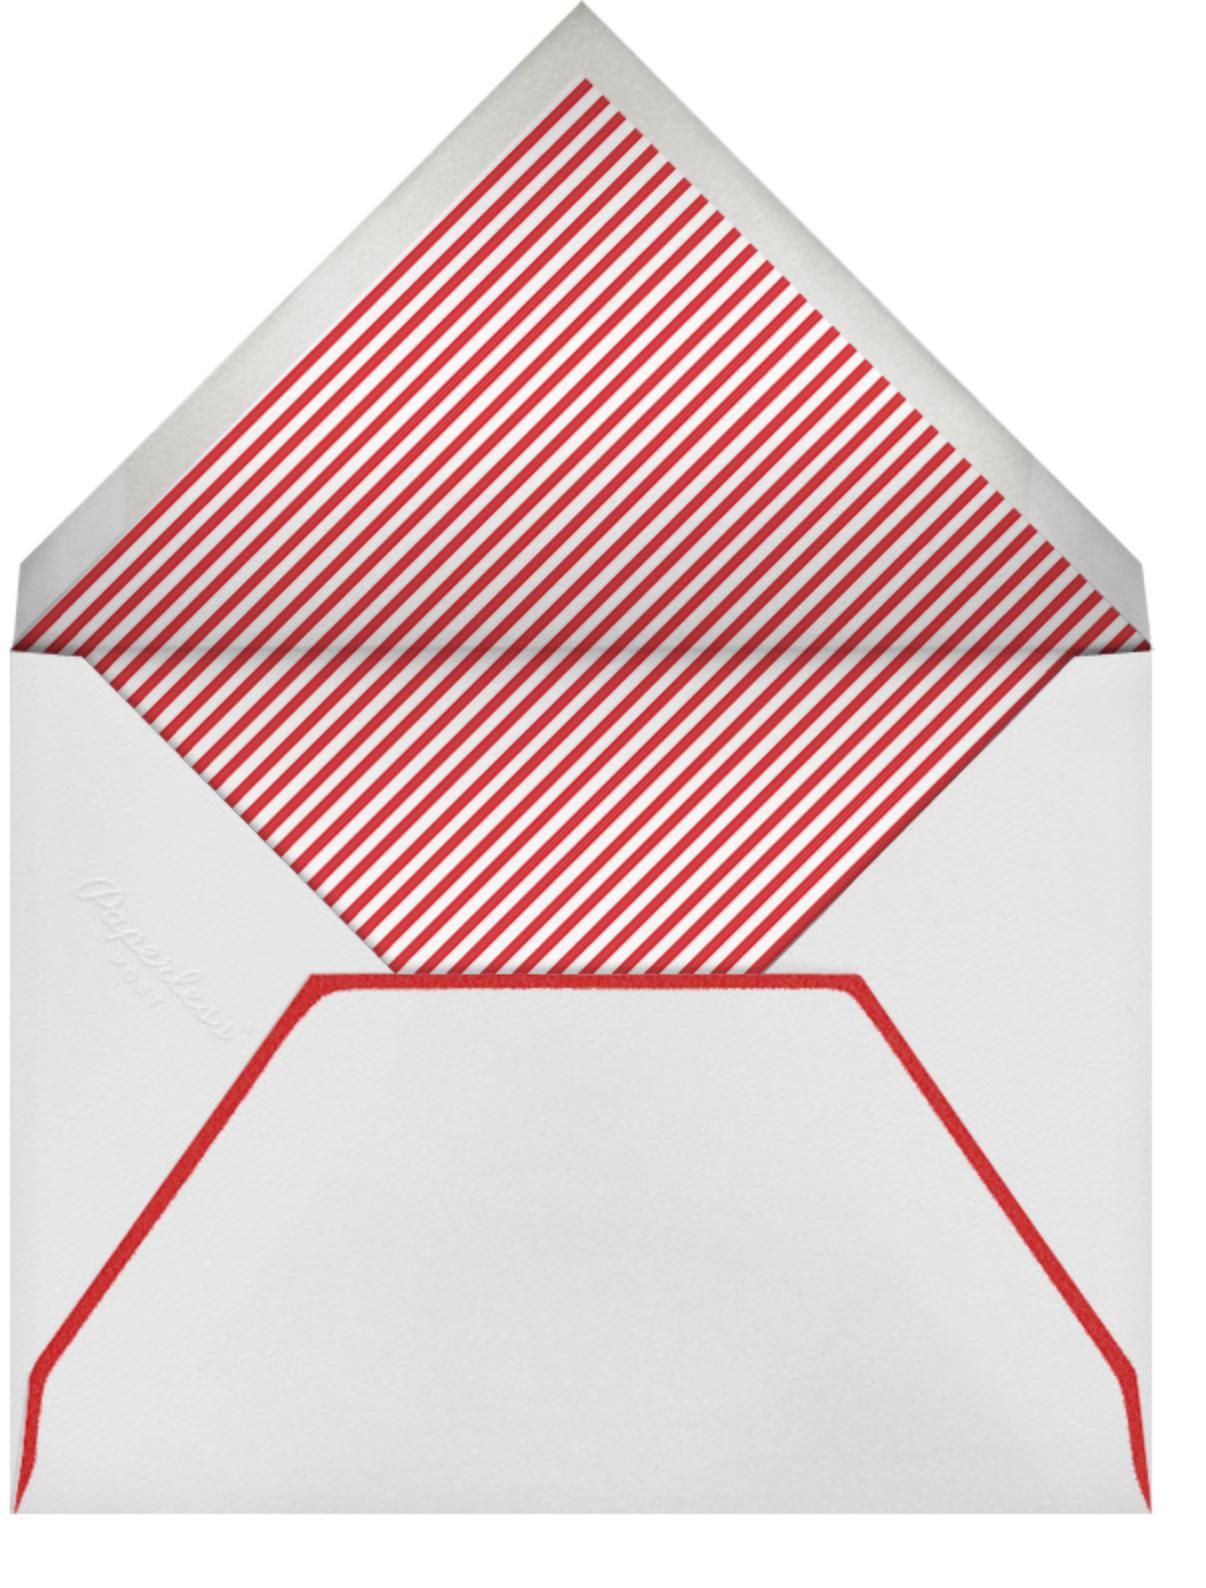 I Couldn't Love You More - Mr. Boddington's Studio - Love cards - envelope back